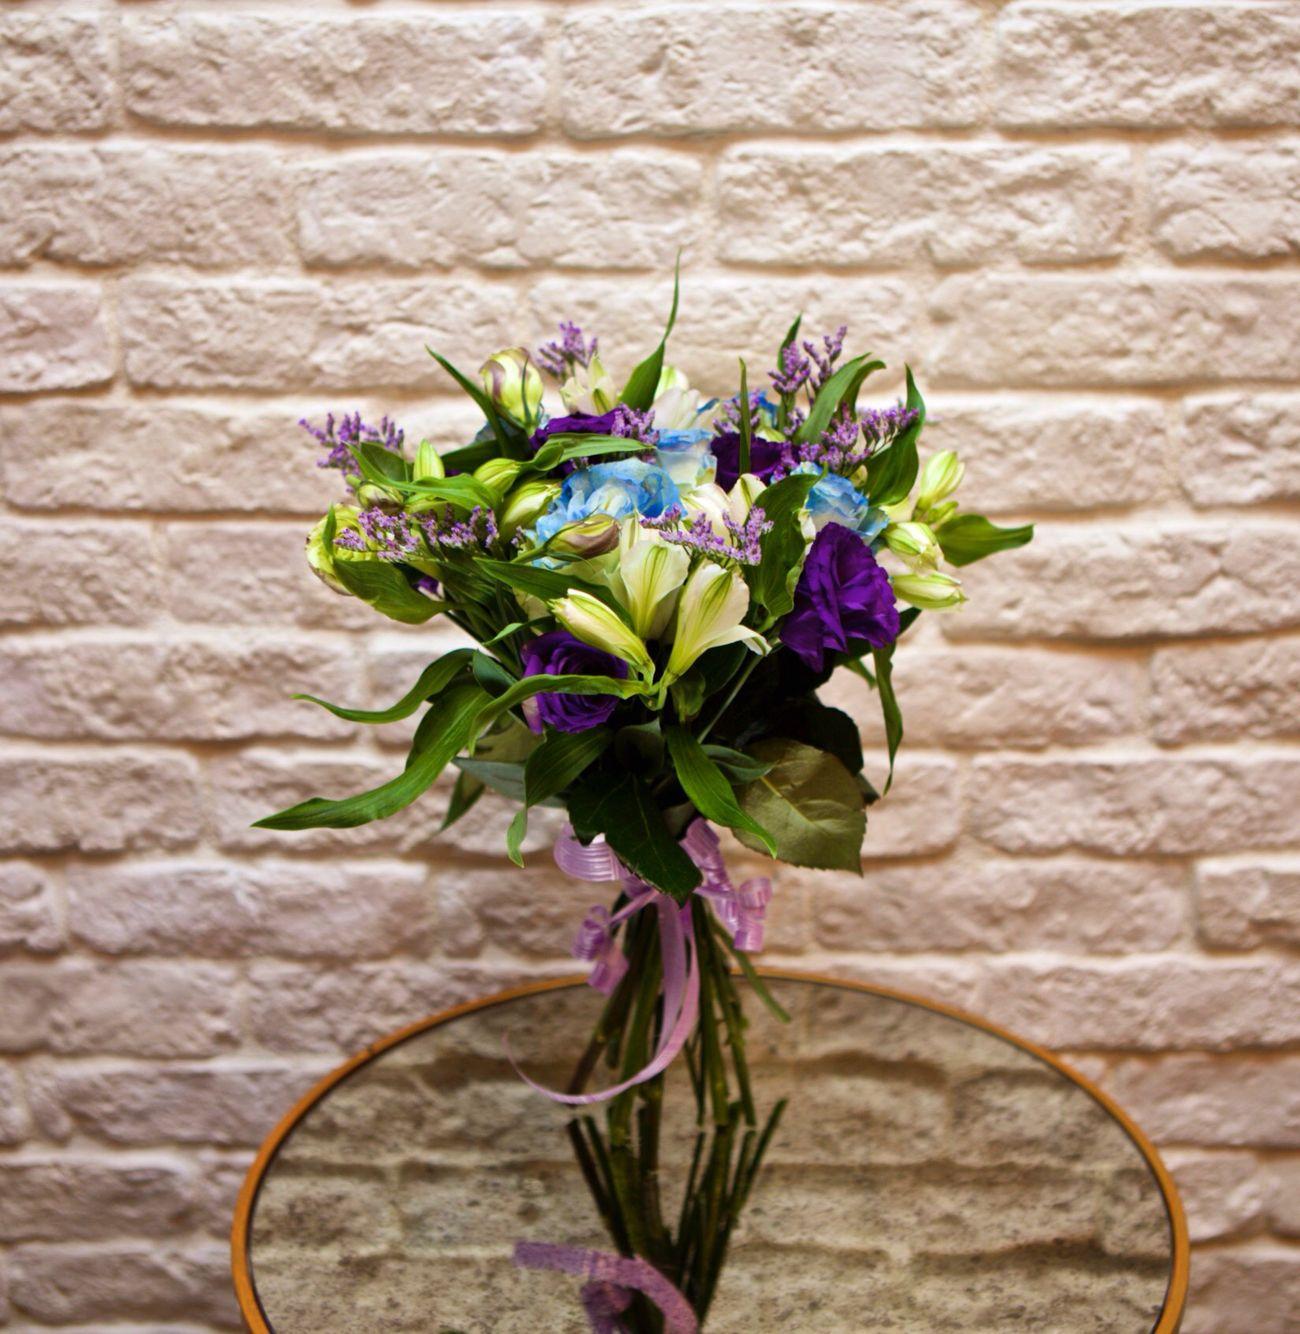 Супер акция доставка цветов nationalflowers ru p=7 бесплатная доставка цветов москва дешево